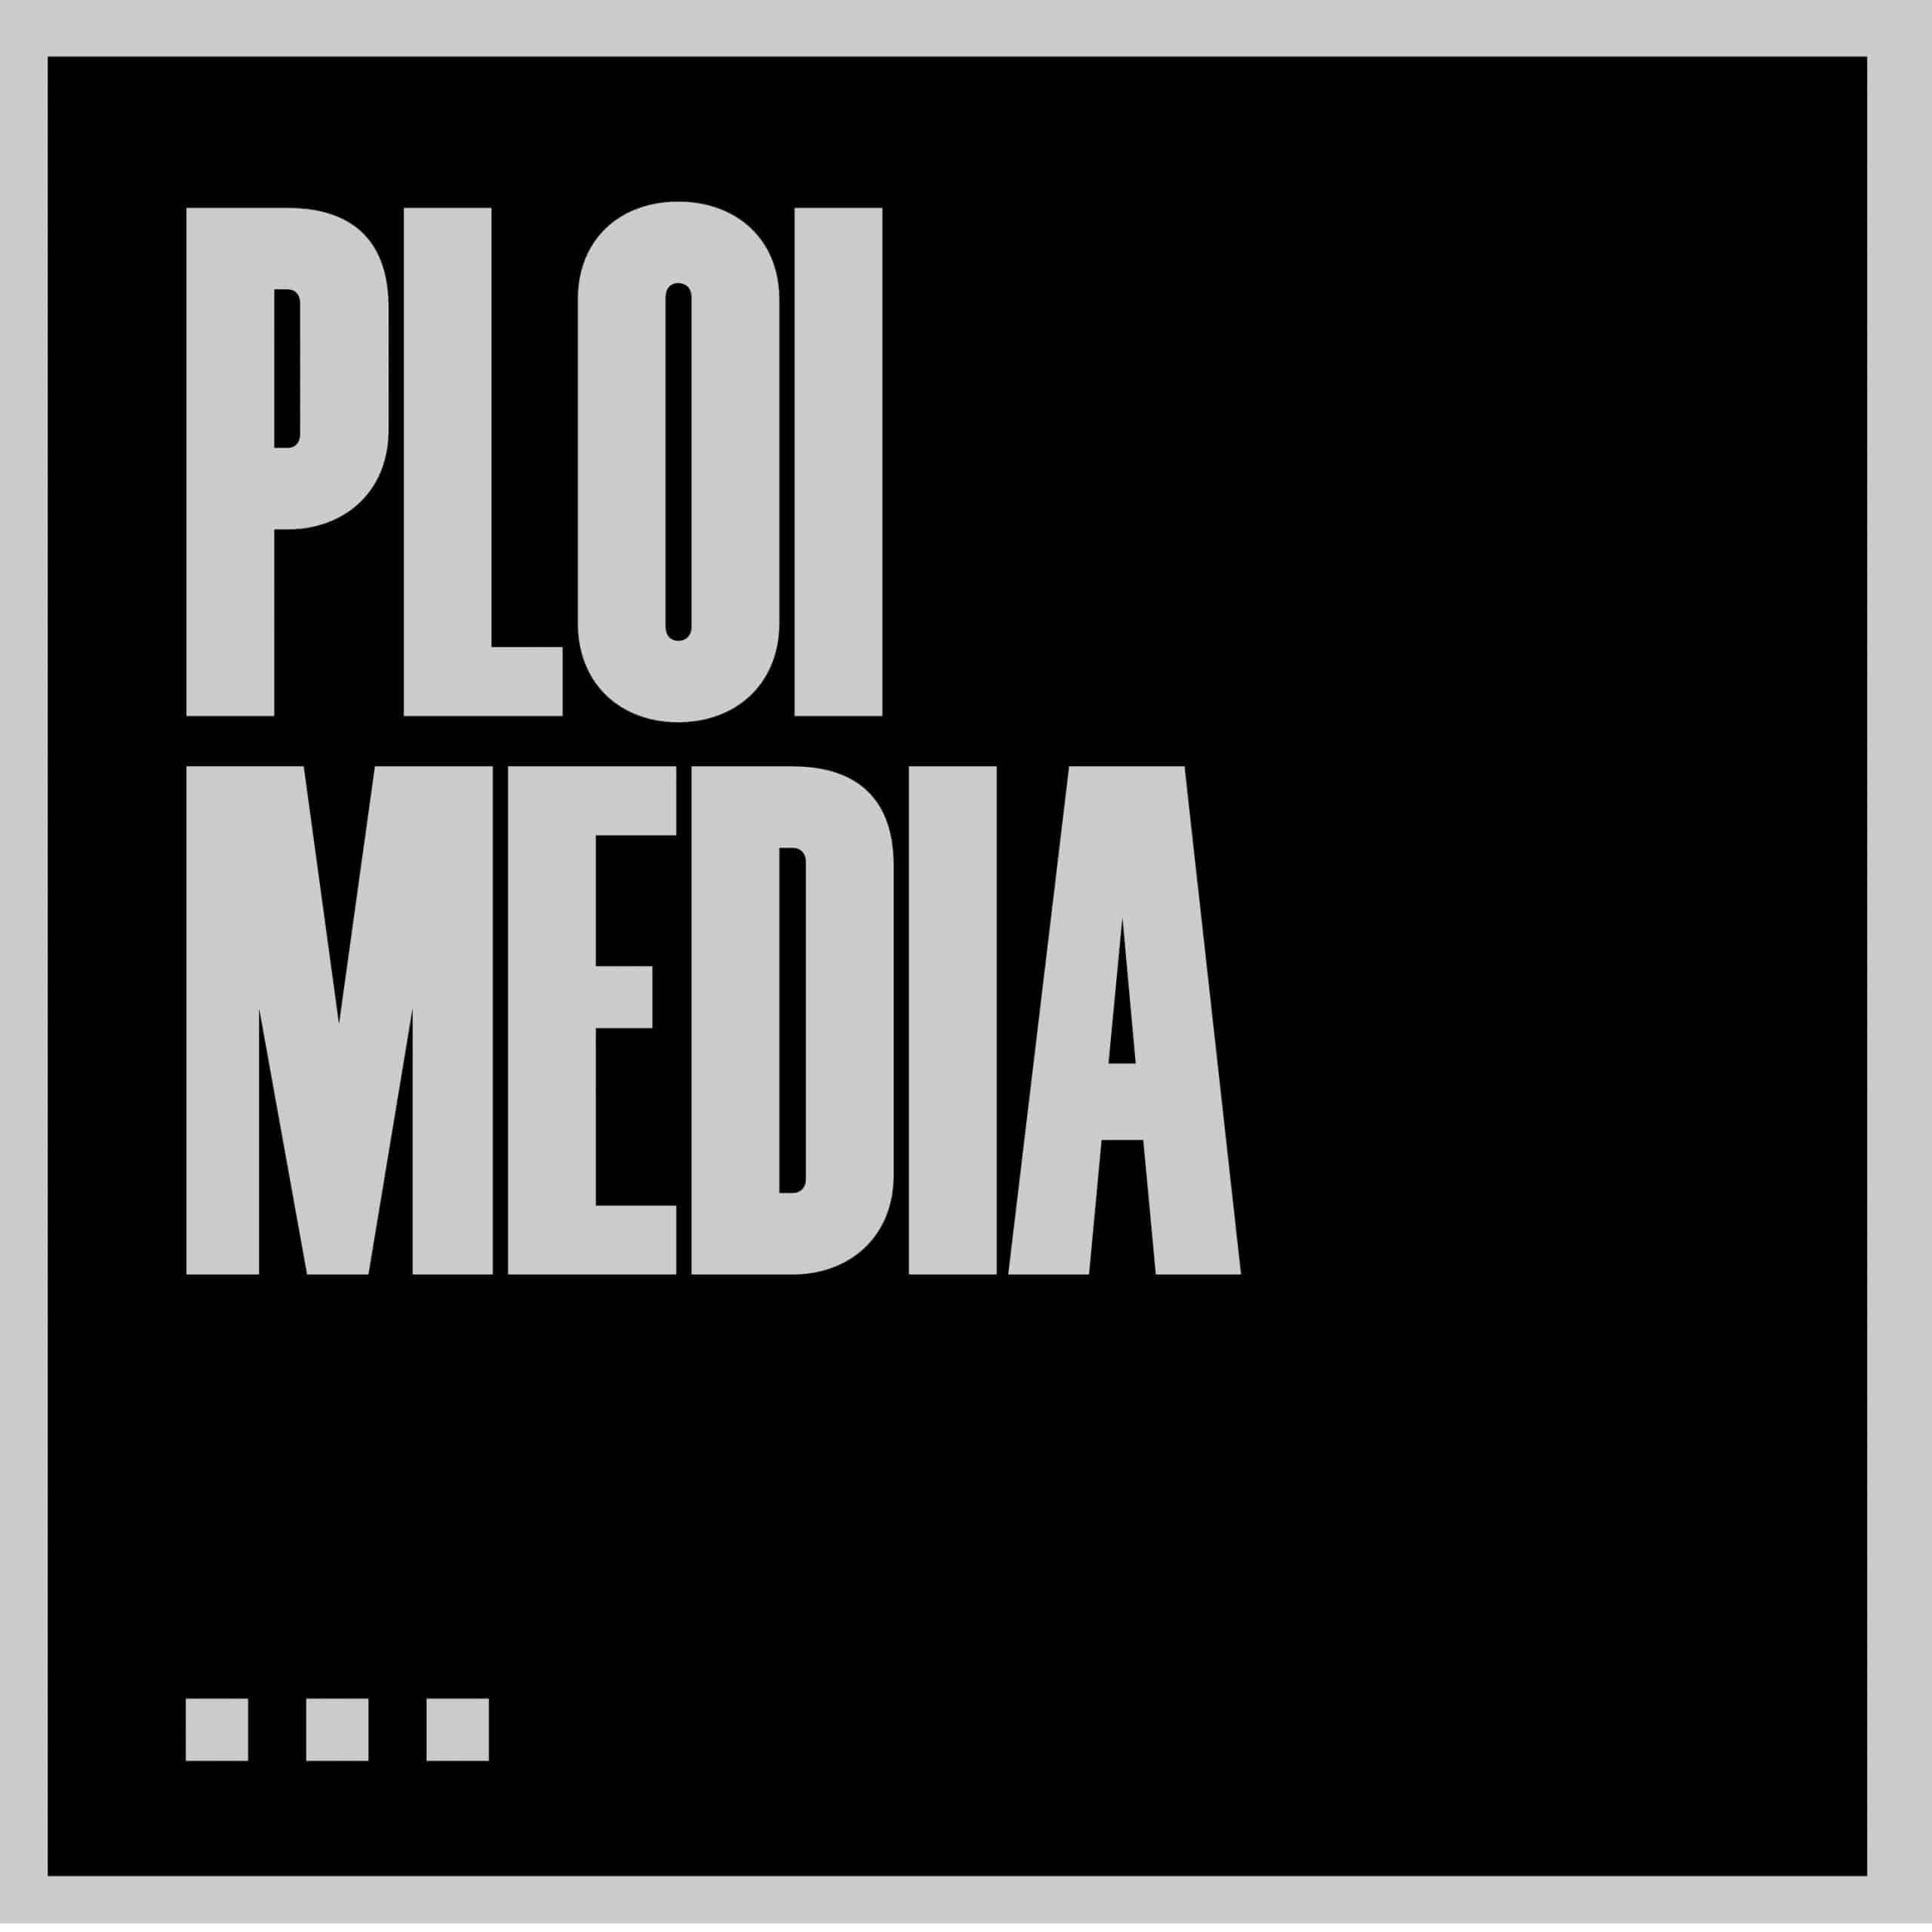 Ploi Media